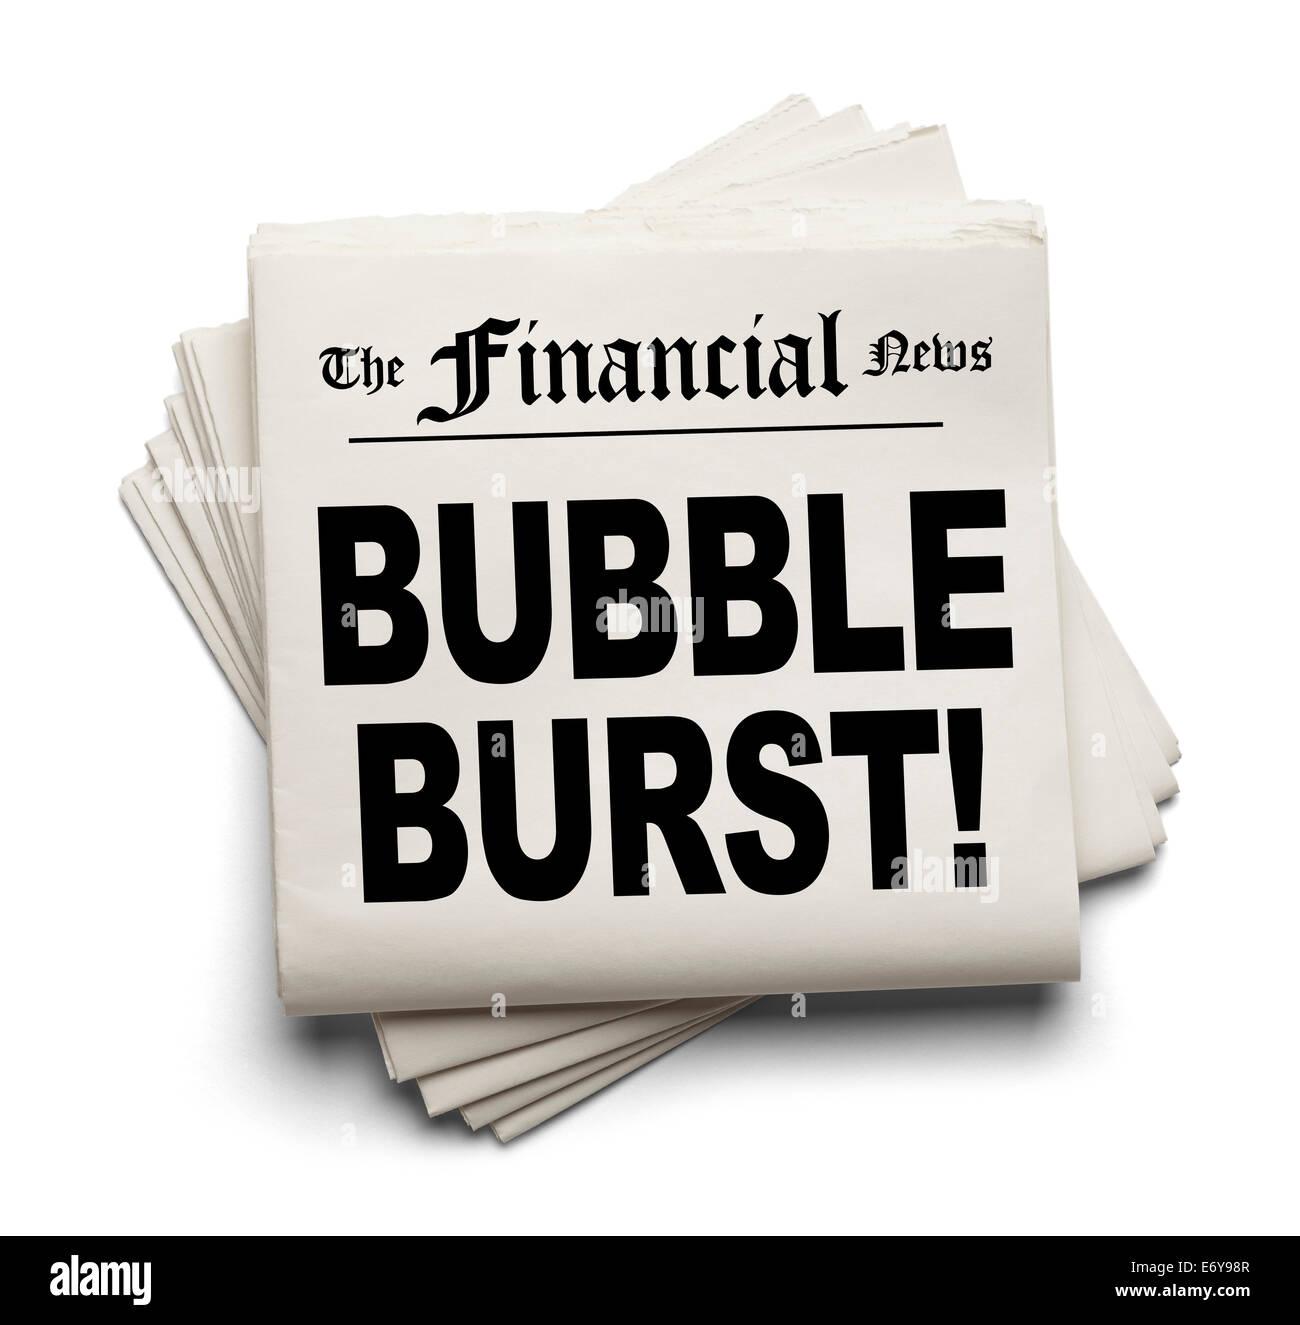 Financial Carta nuova con la bolla scoppiò Headline isolati su sfondo bianco. Immagini Stock